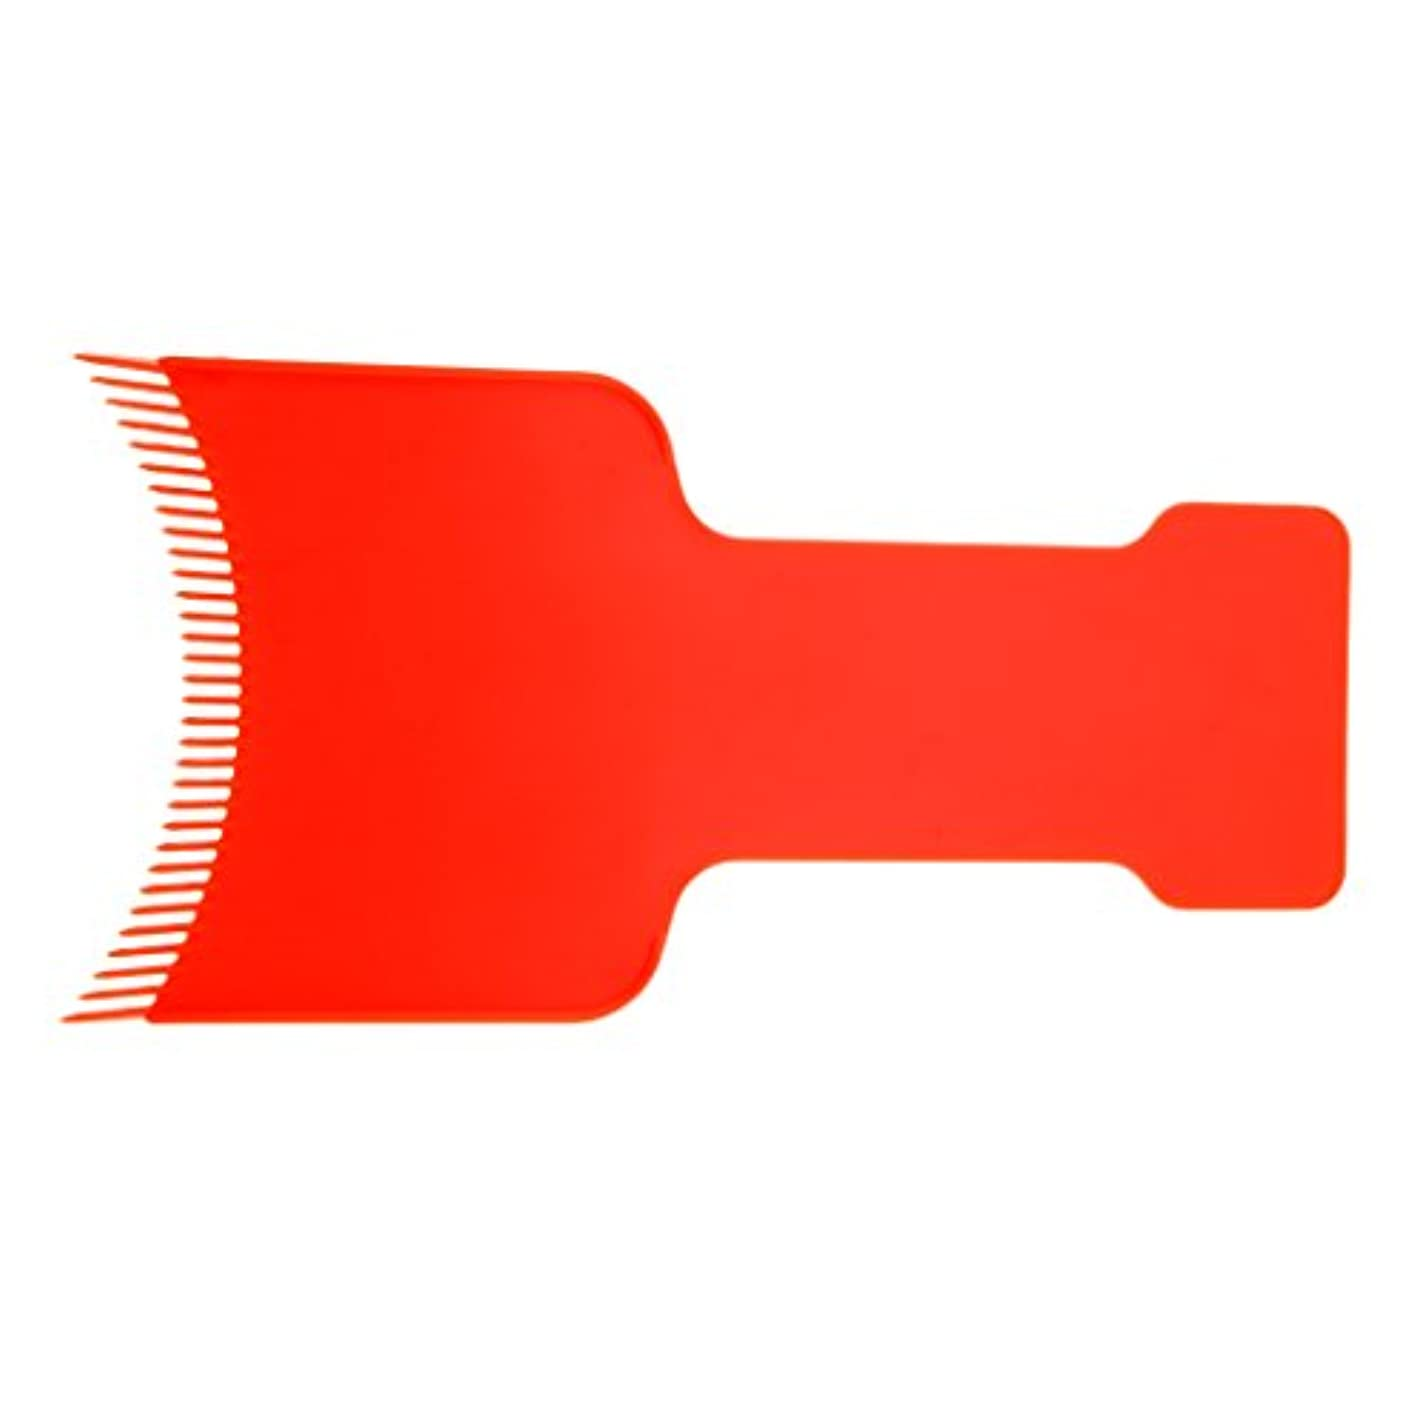 落ち着いて可能にする金曜日Toygogo サロンヘアカラーボード|染毛剤プレート|理髪理髪ヘアカラーボード19x9.5 Cm